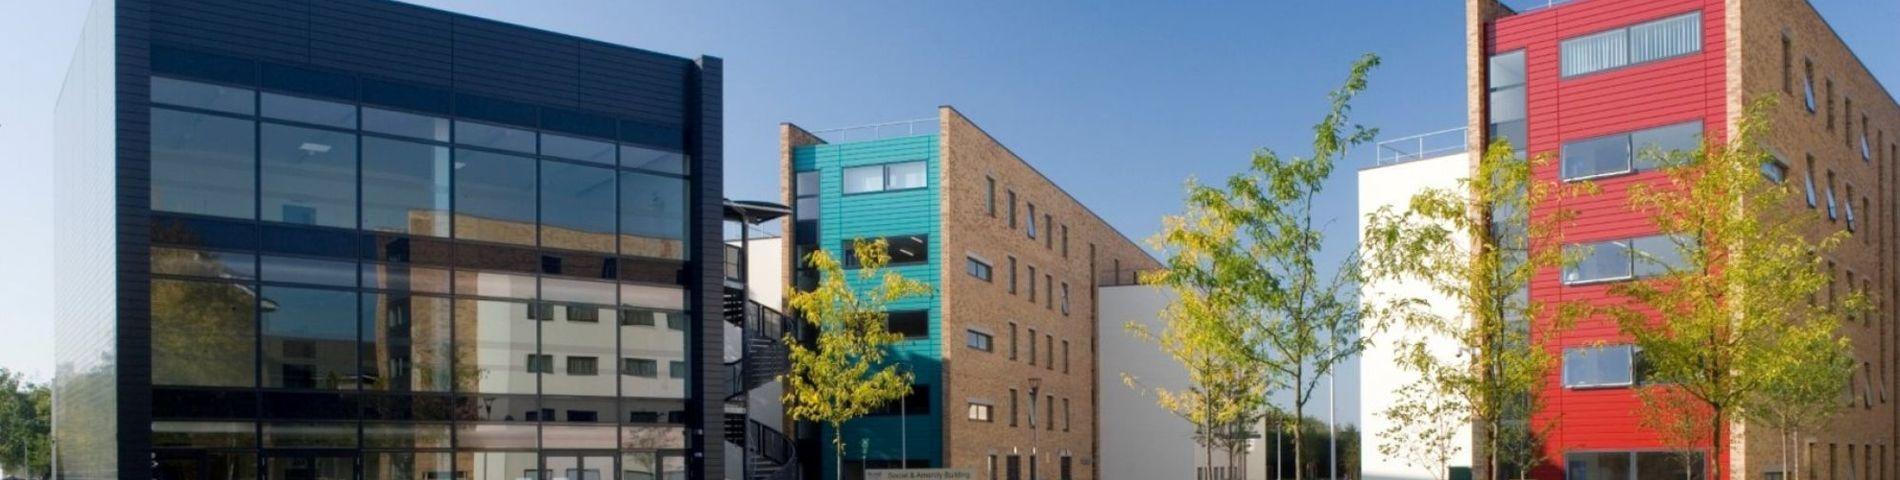 PLUS Junior Centre Uxbridge bild 1